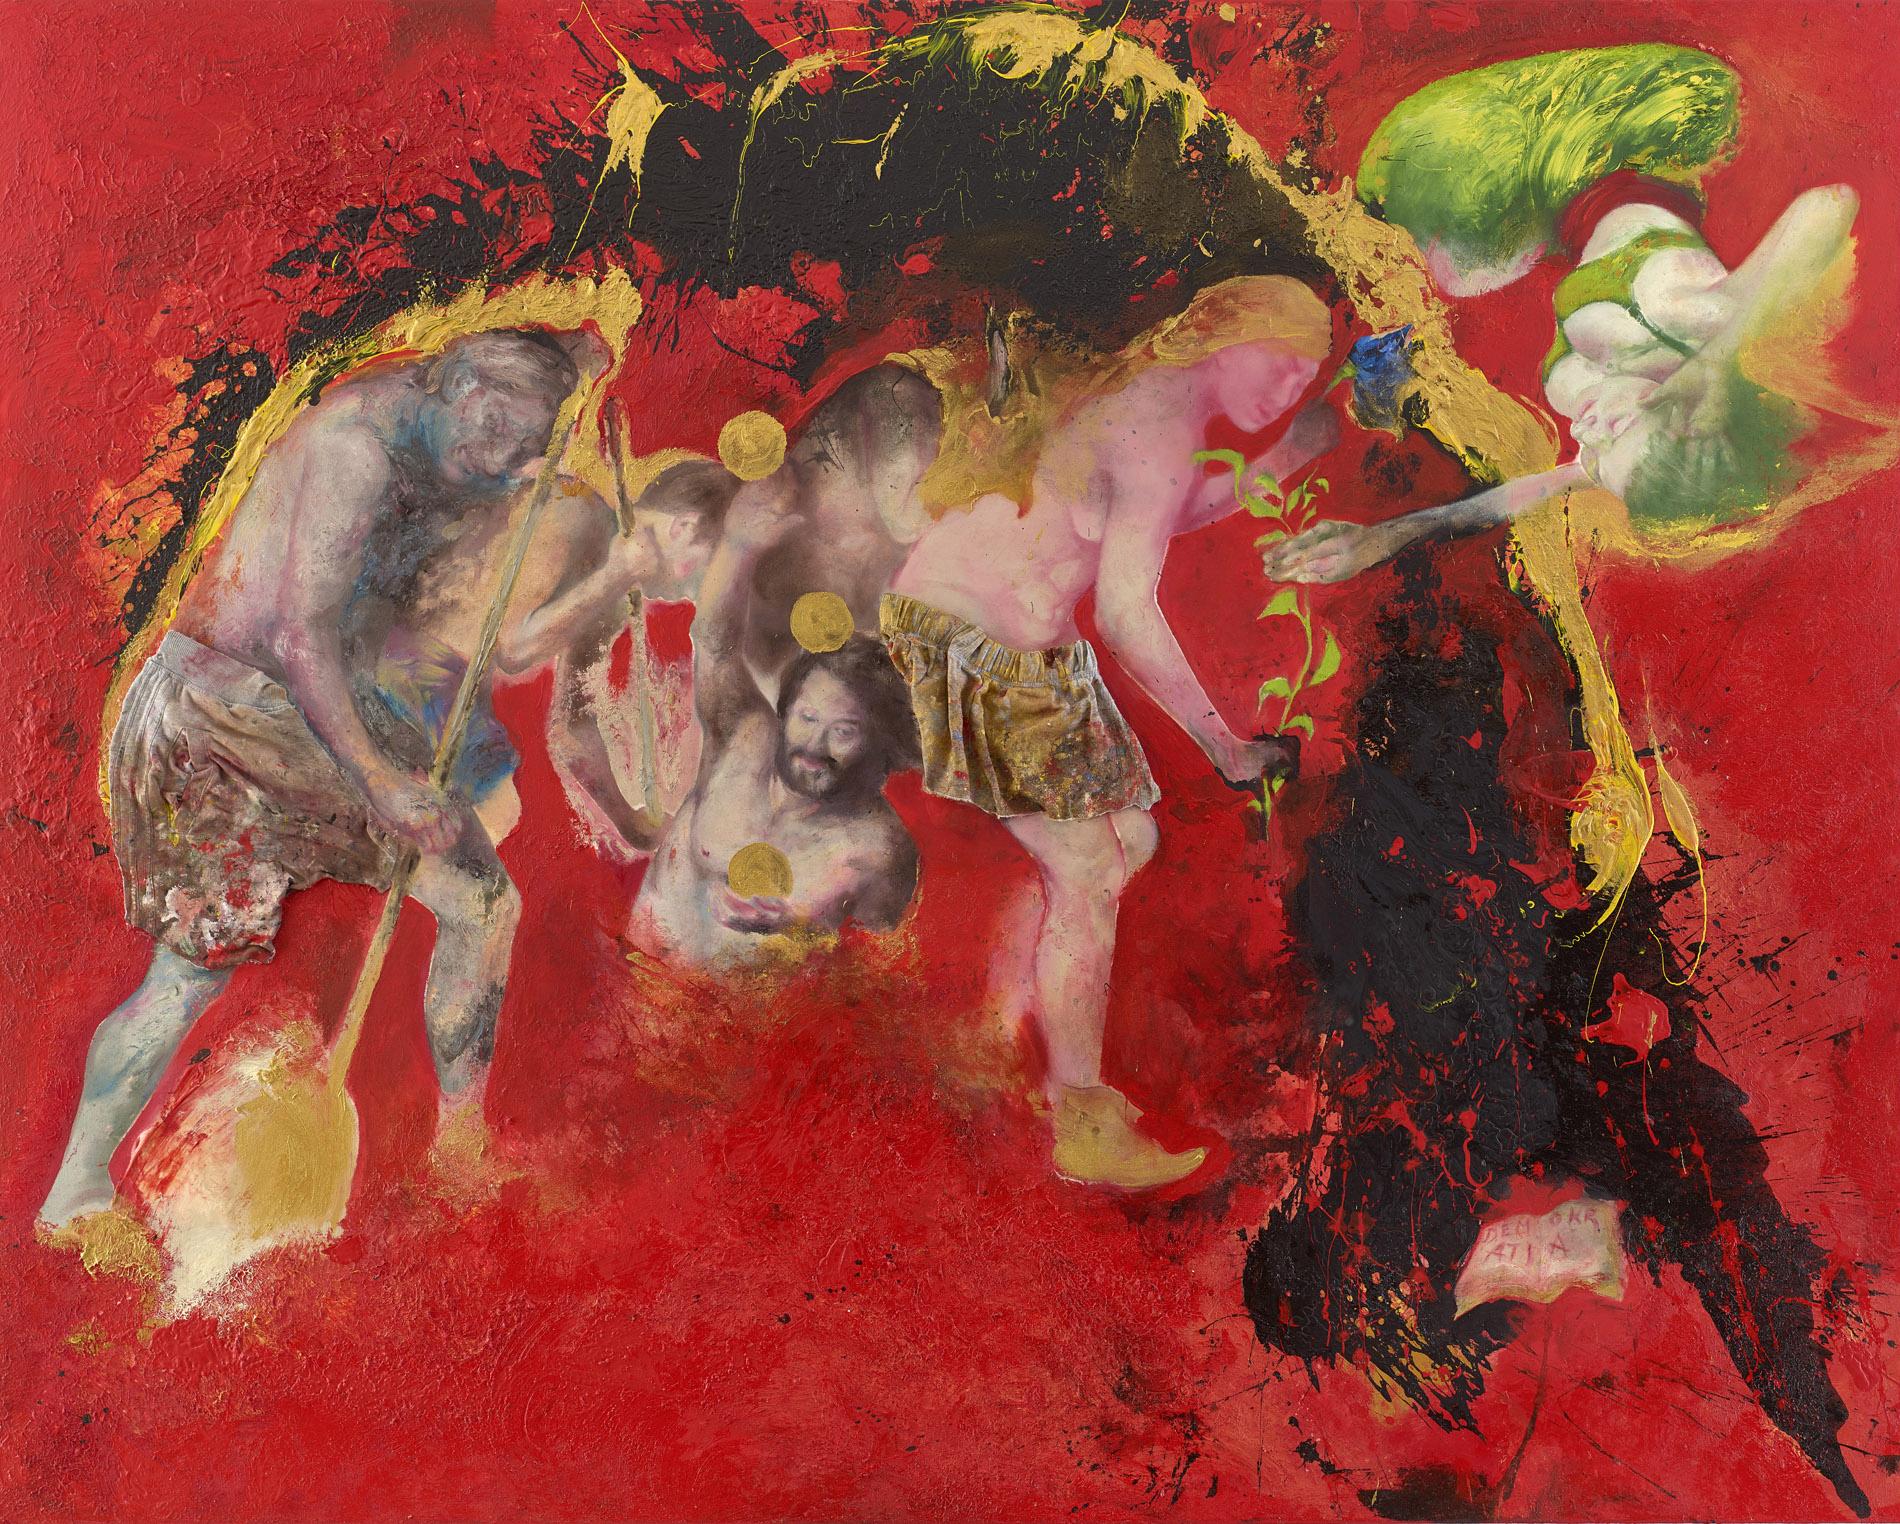 Sabina Sakoh, Serie Demokratia, The Raft number fourteen, 2016, Öl auf Leinwand, Stoff, 200 x 250 cm, courtesy Galerie Michael Schultz, Foto: Alexander Winterstein